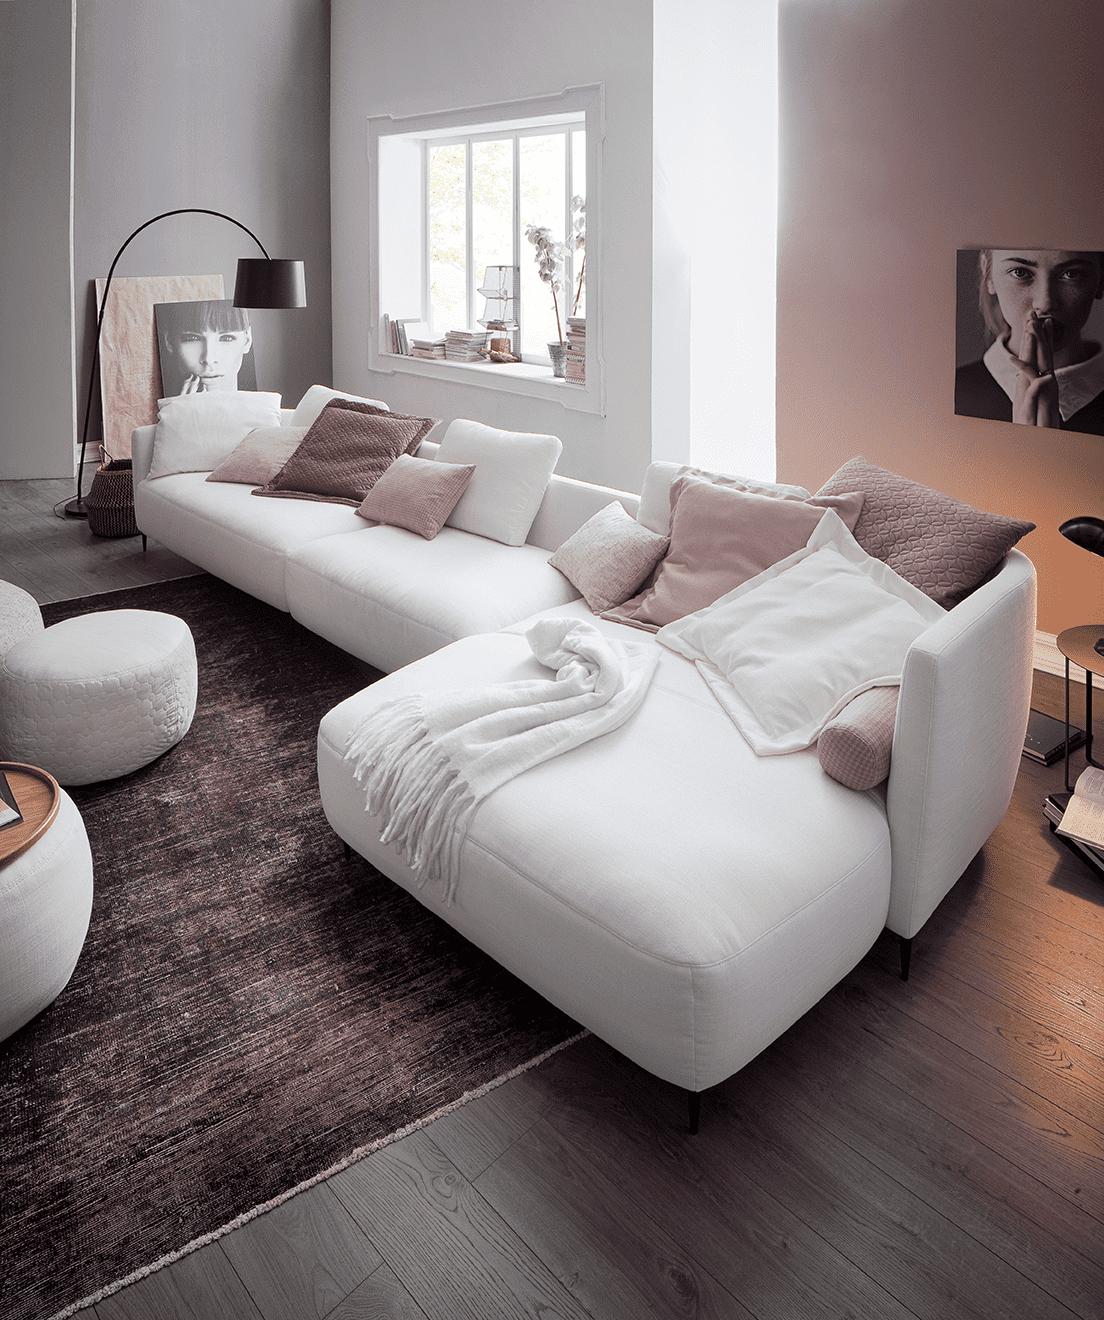 10 modern living room styles for every taste   HOF India